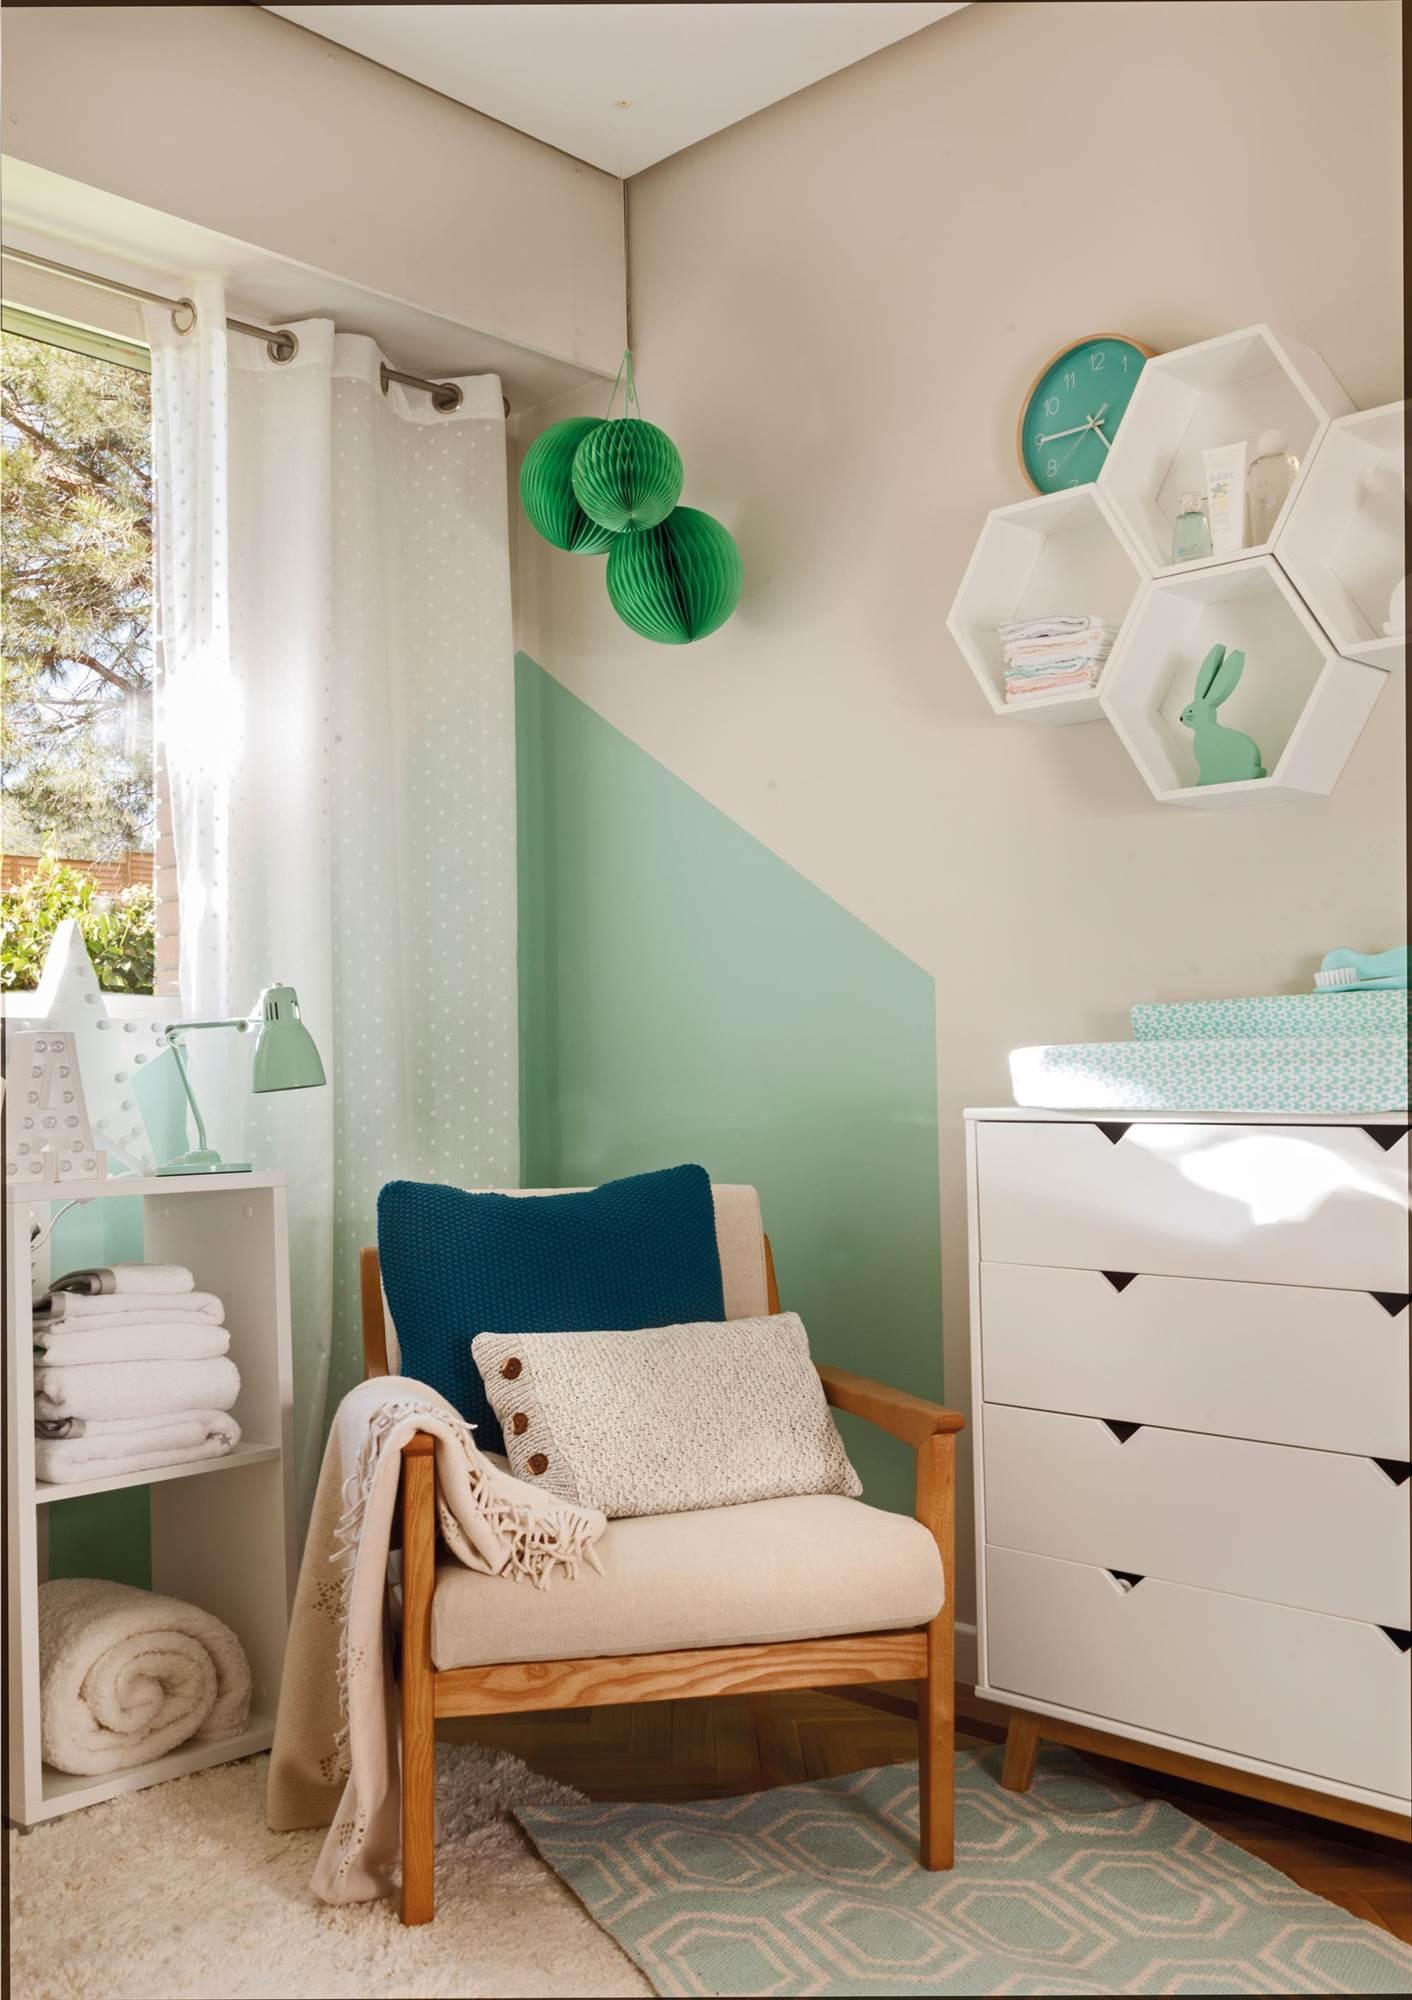 Dormitorios para bebe decorar cuartos de nios - Dormitorio de bebe ...